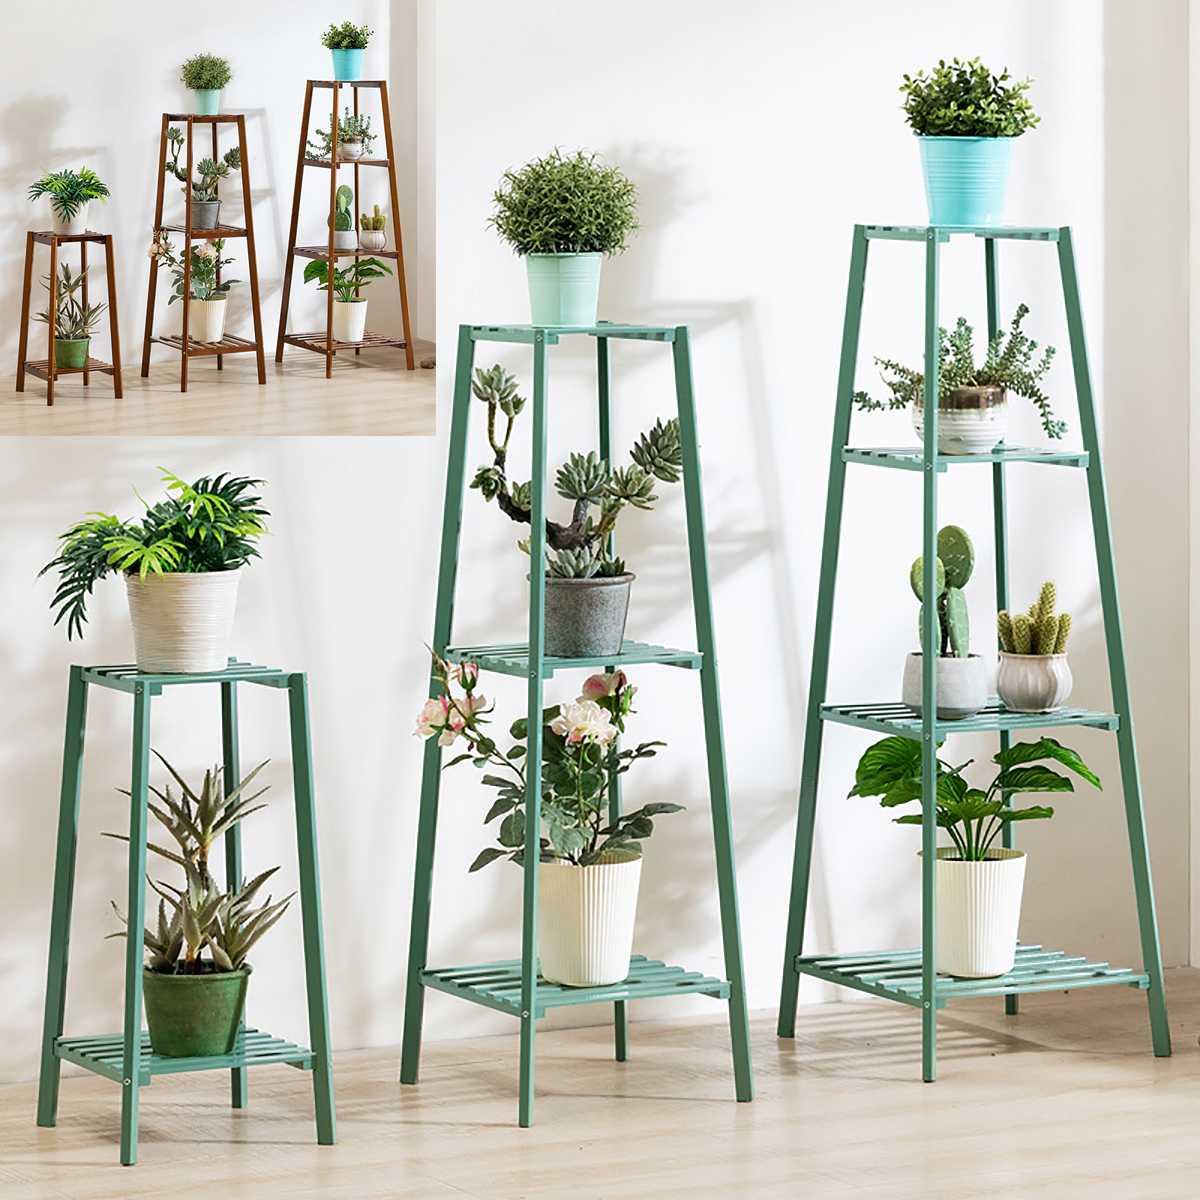 4 kat sadelik Metal standı bitkiler için iniş tipi ışık savurgan çok katlı raf kapalı saksı çerçeve çiçek standı